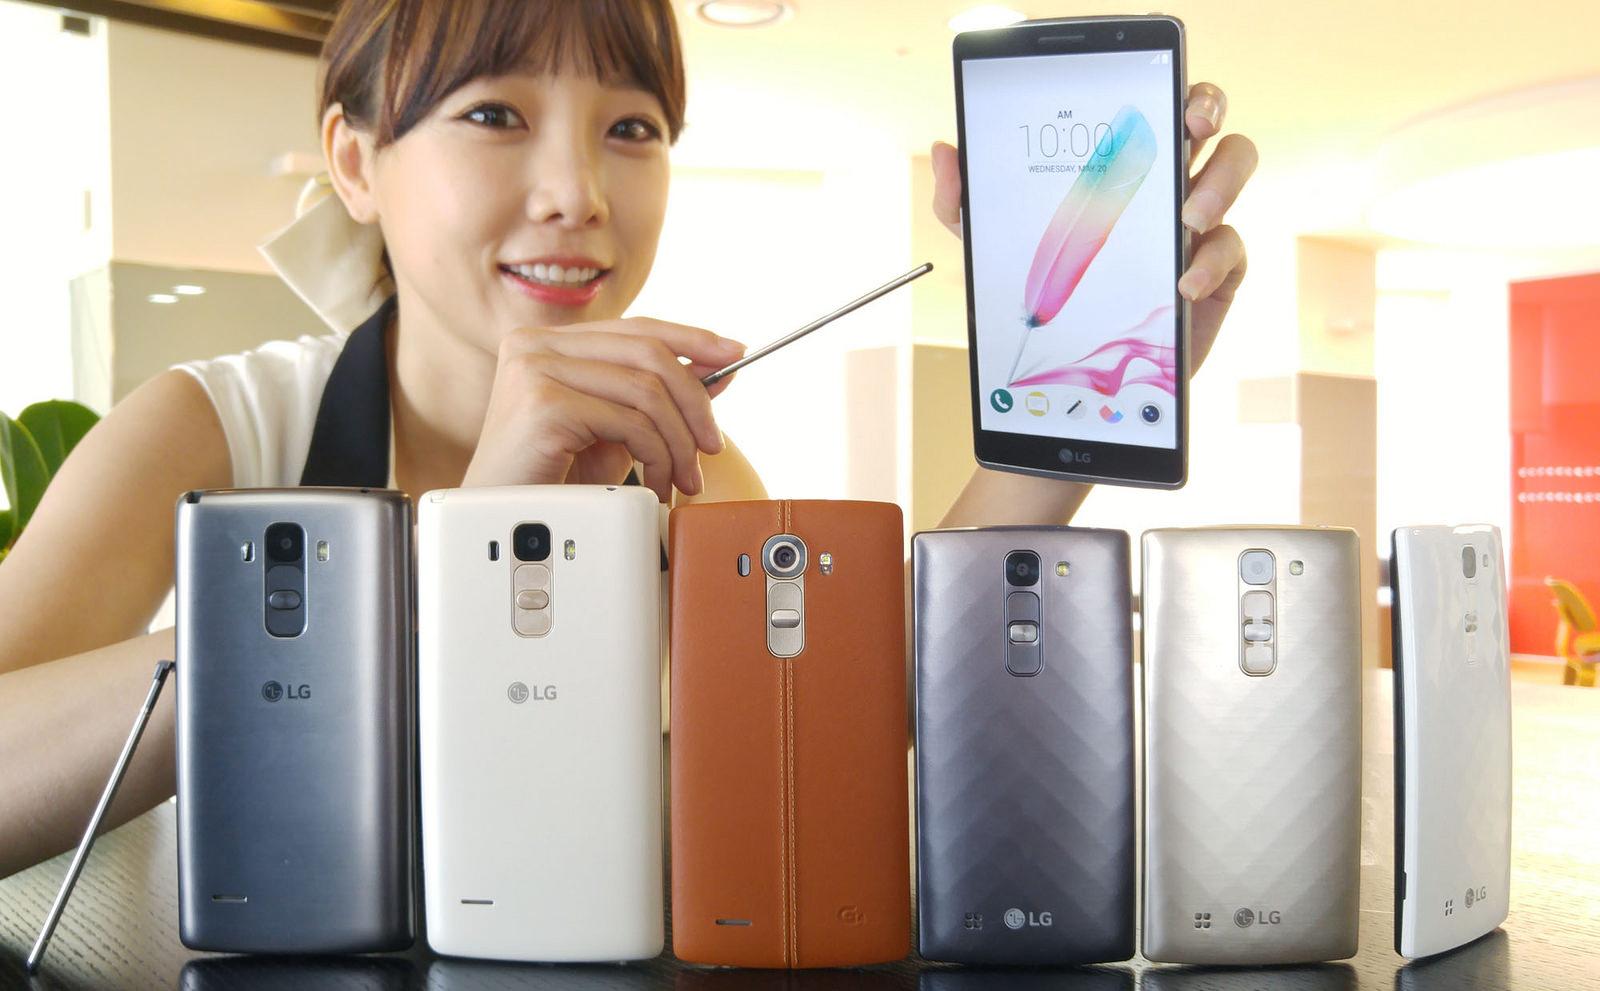 LG G4 Stylus LG G4 LG G4c